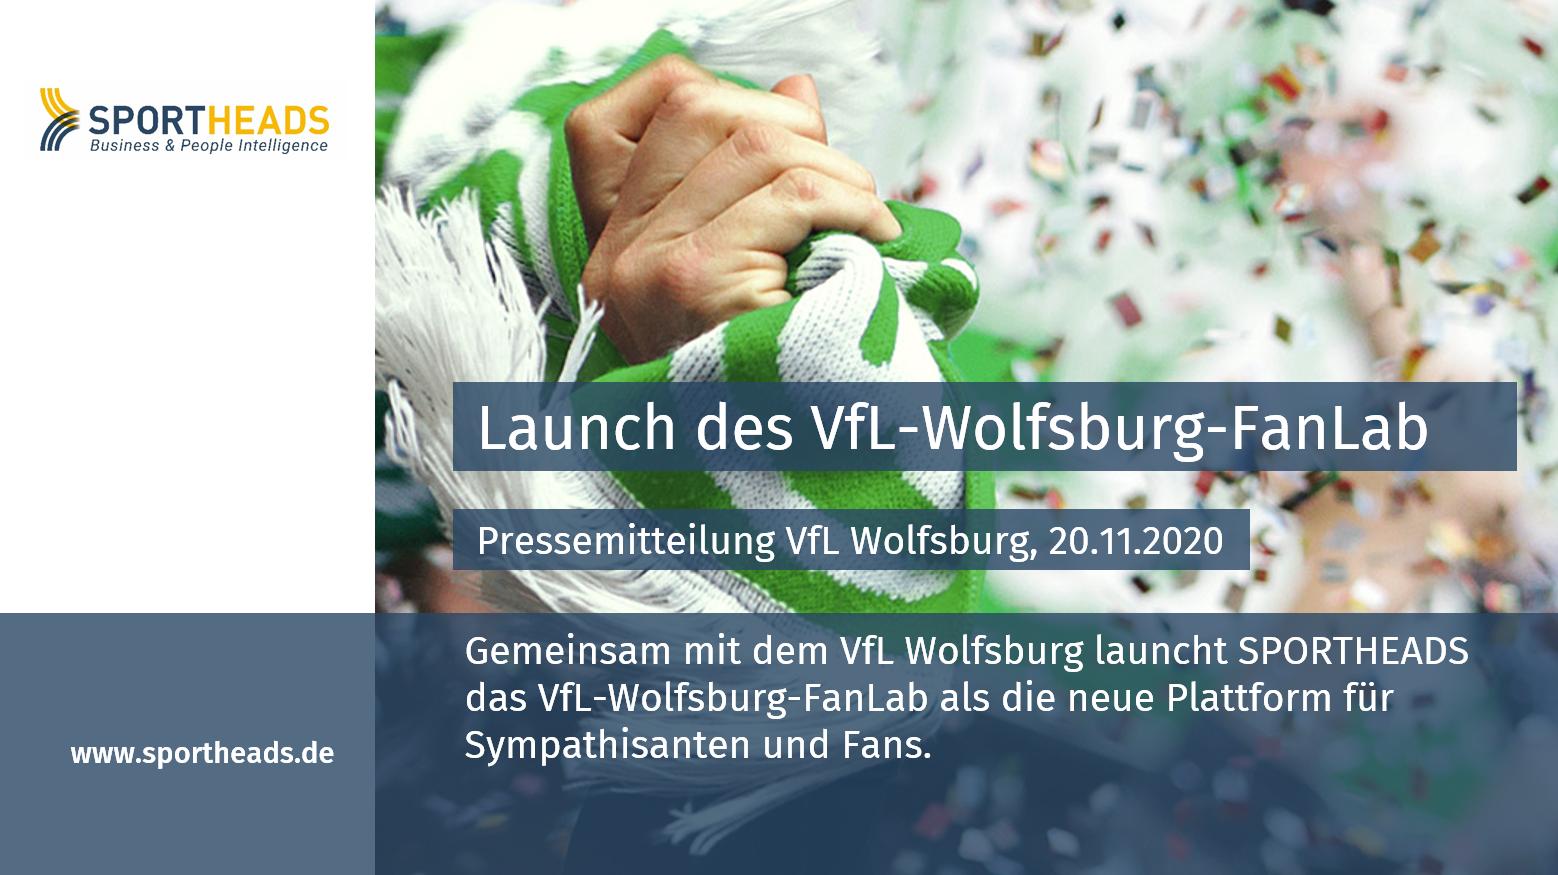 Launch des VfL-Wolfsburg-FanLab